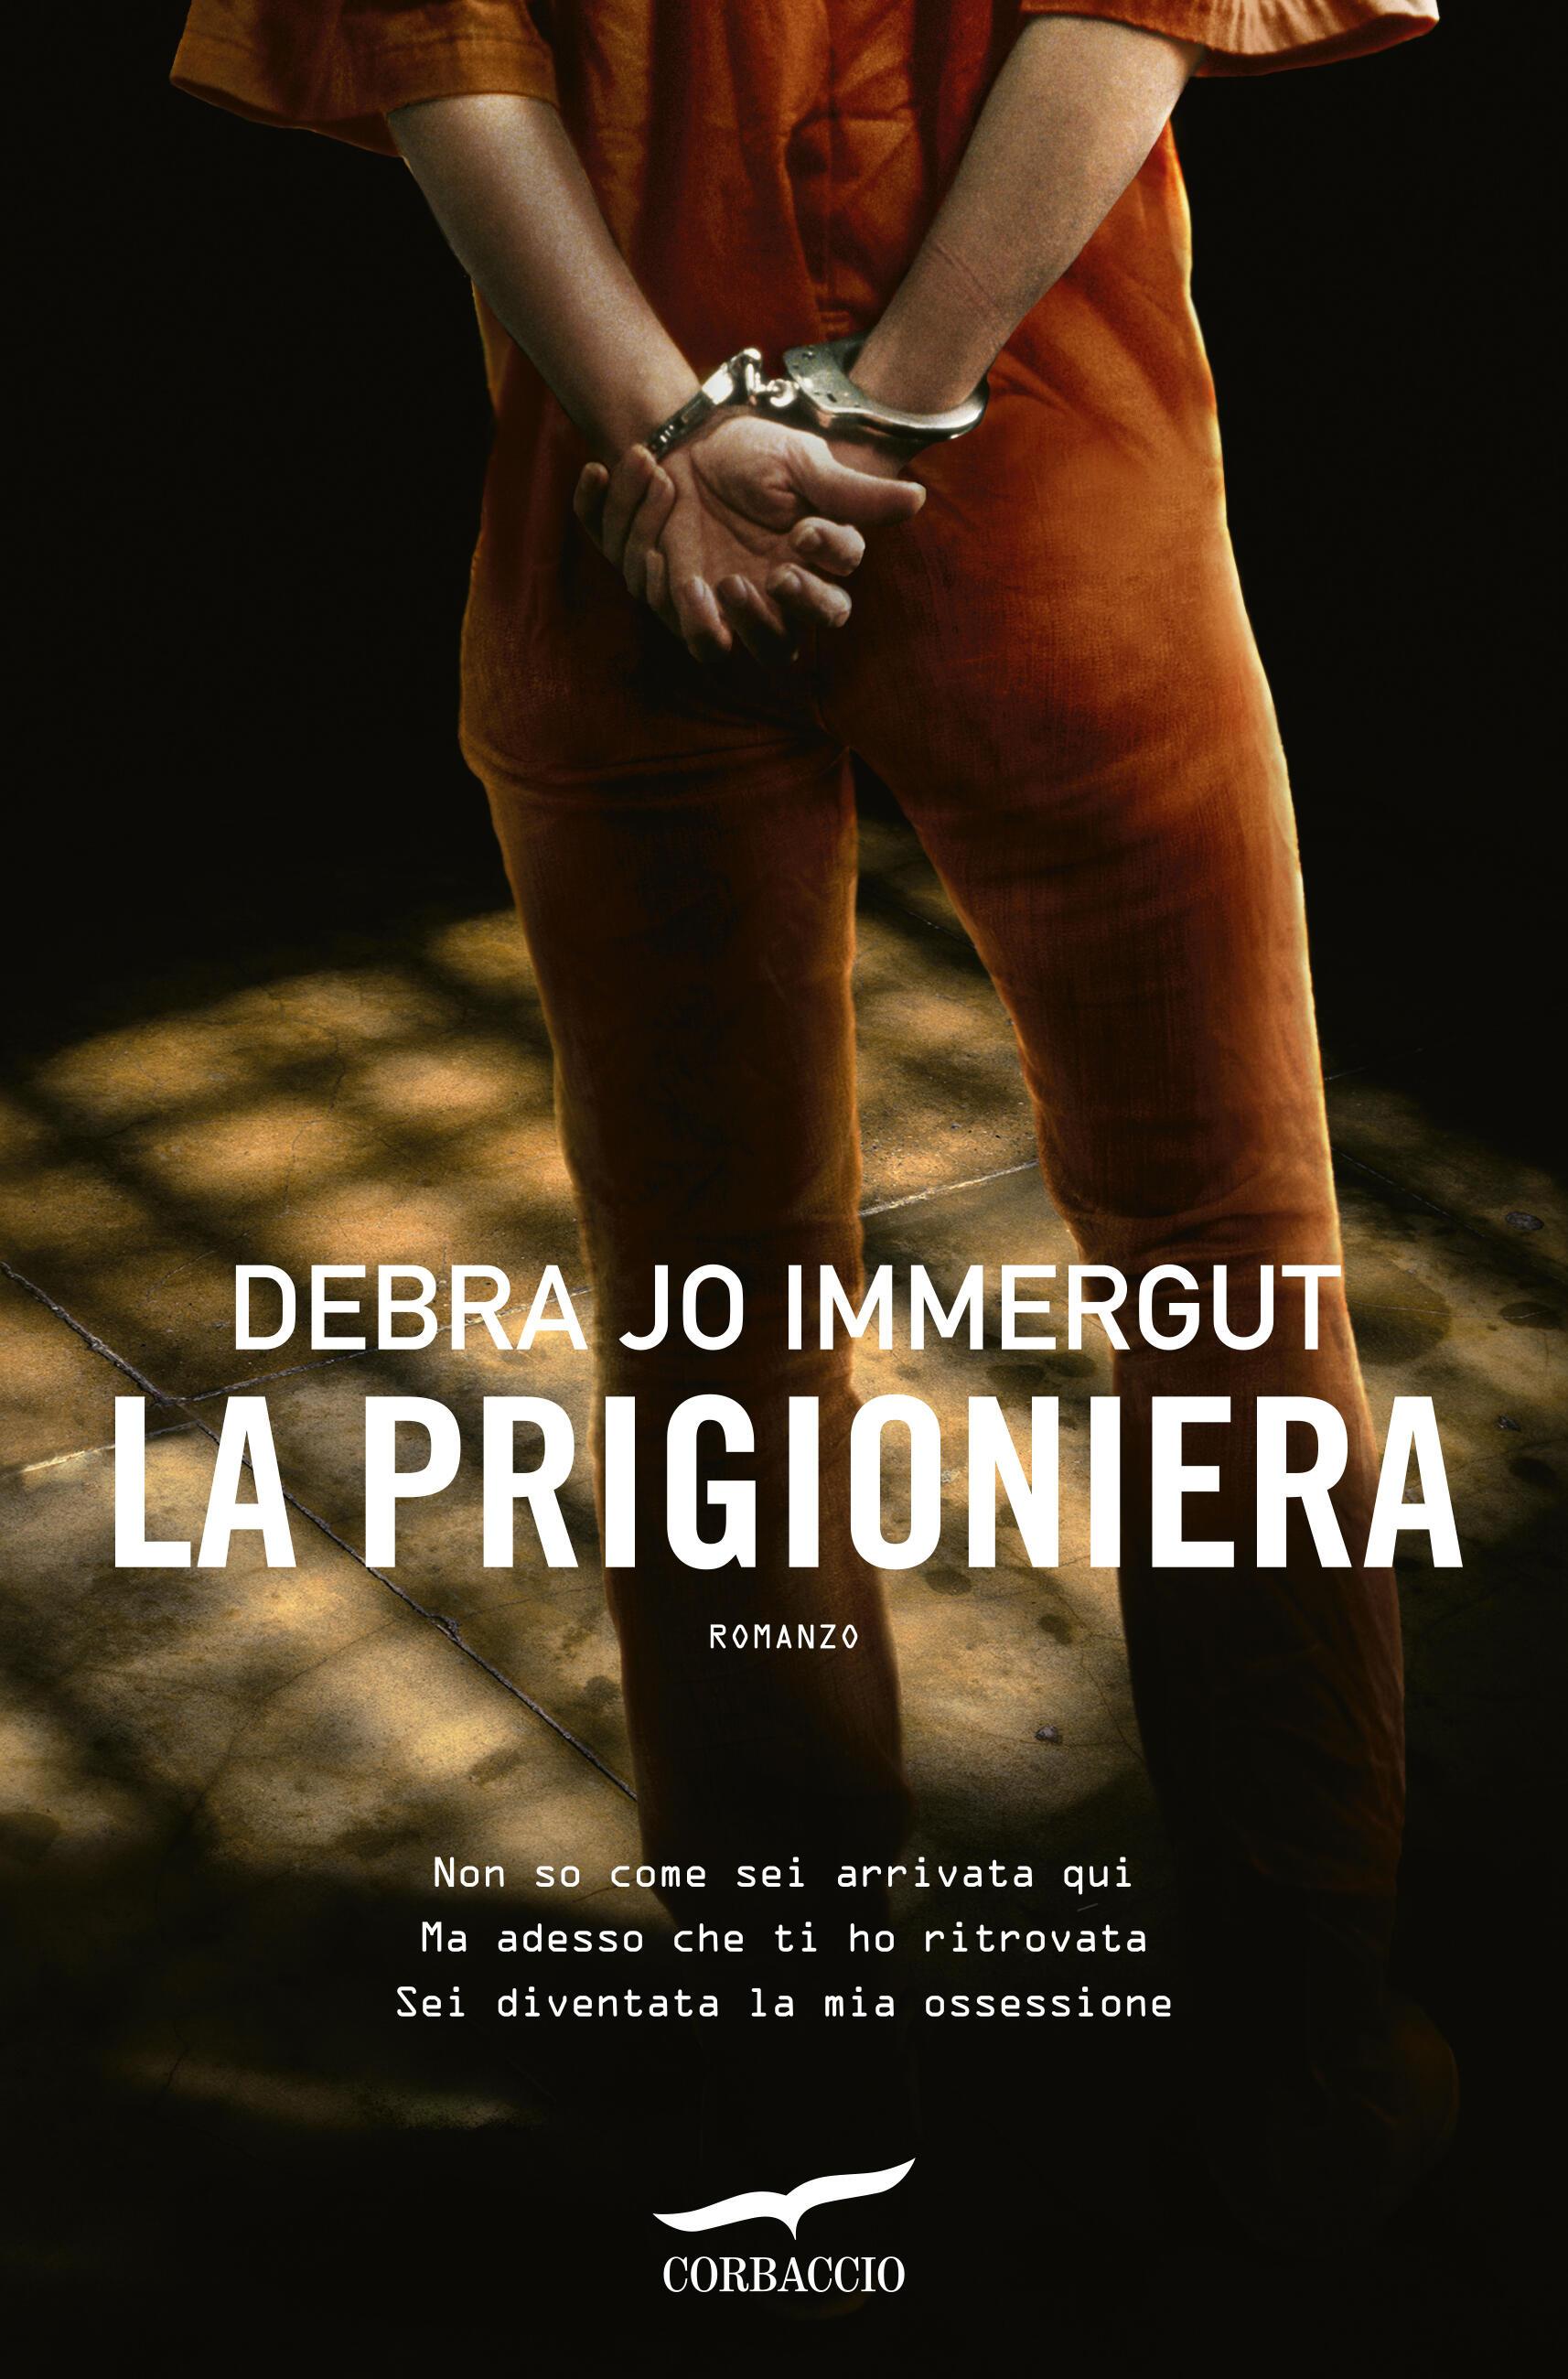 Risultati immagini per Debra Jo Immergut, La prigioniera